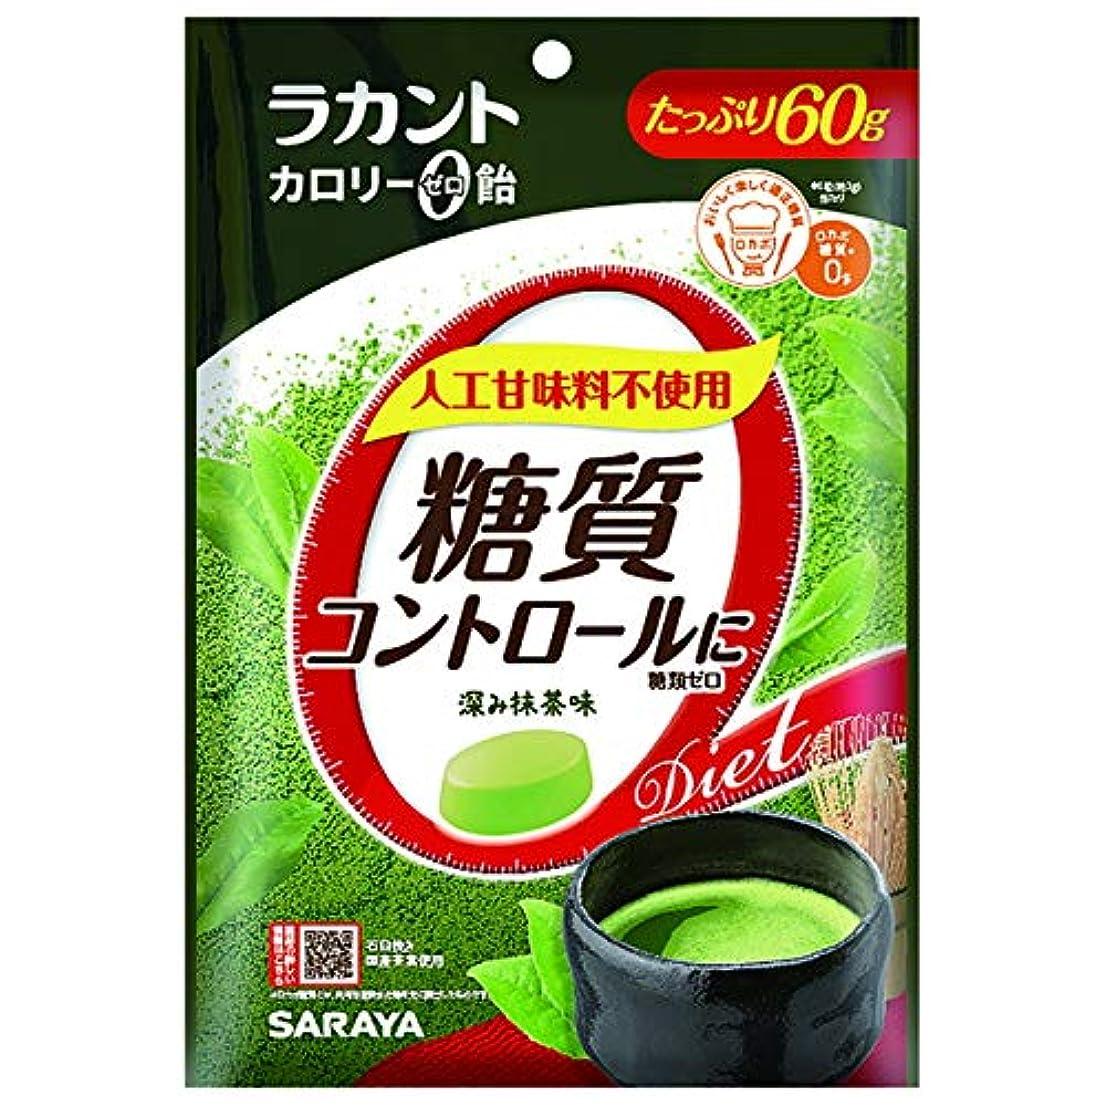 回転するスカート乱雑なラカント カロリーゼロ飴 深み抹茶 60g【3個セット】